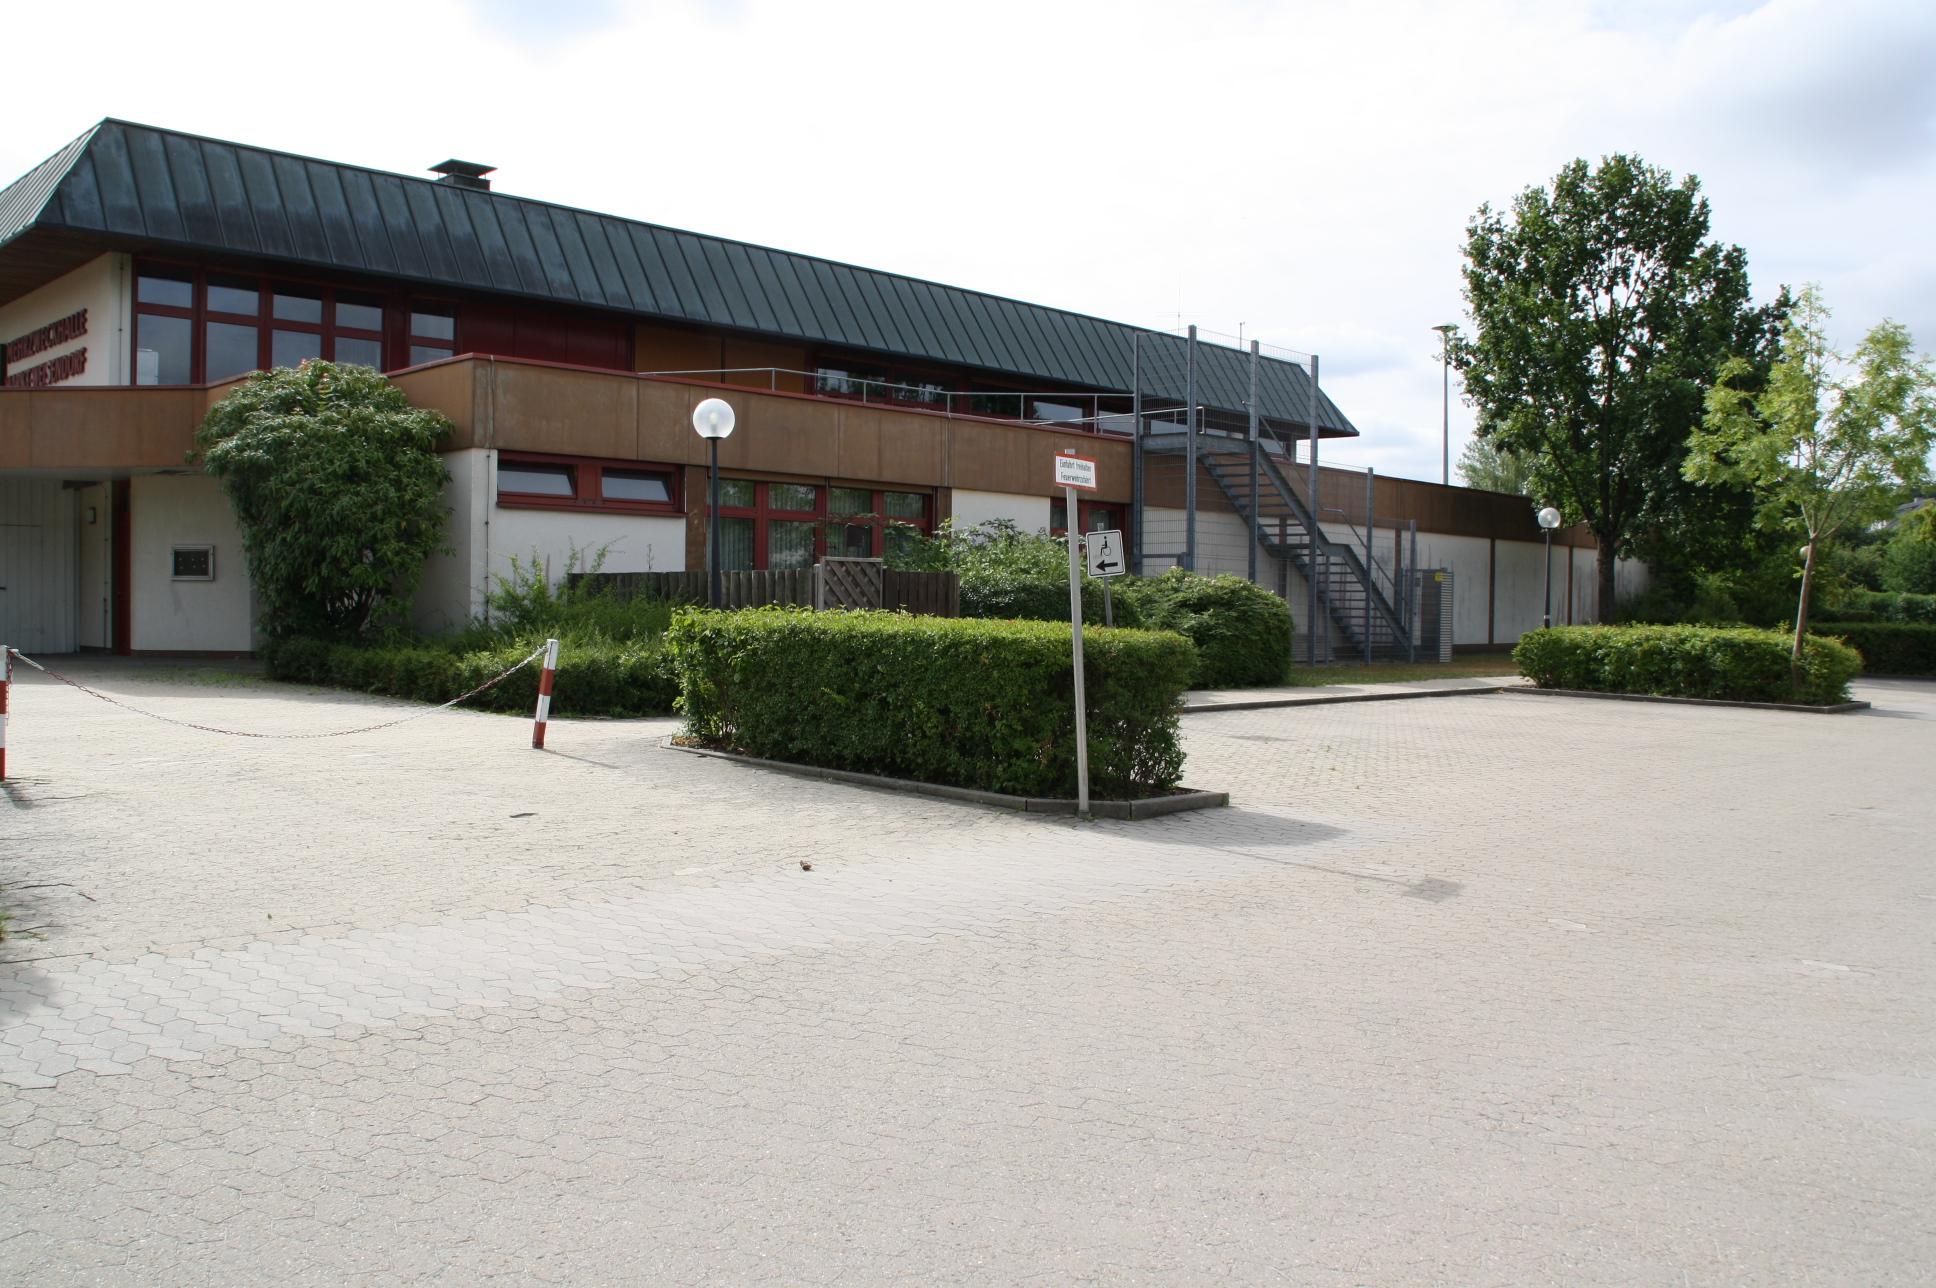 Ein Blick auf die Mehrzweckhalle, die dringend mehr Parkraum benötigt.